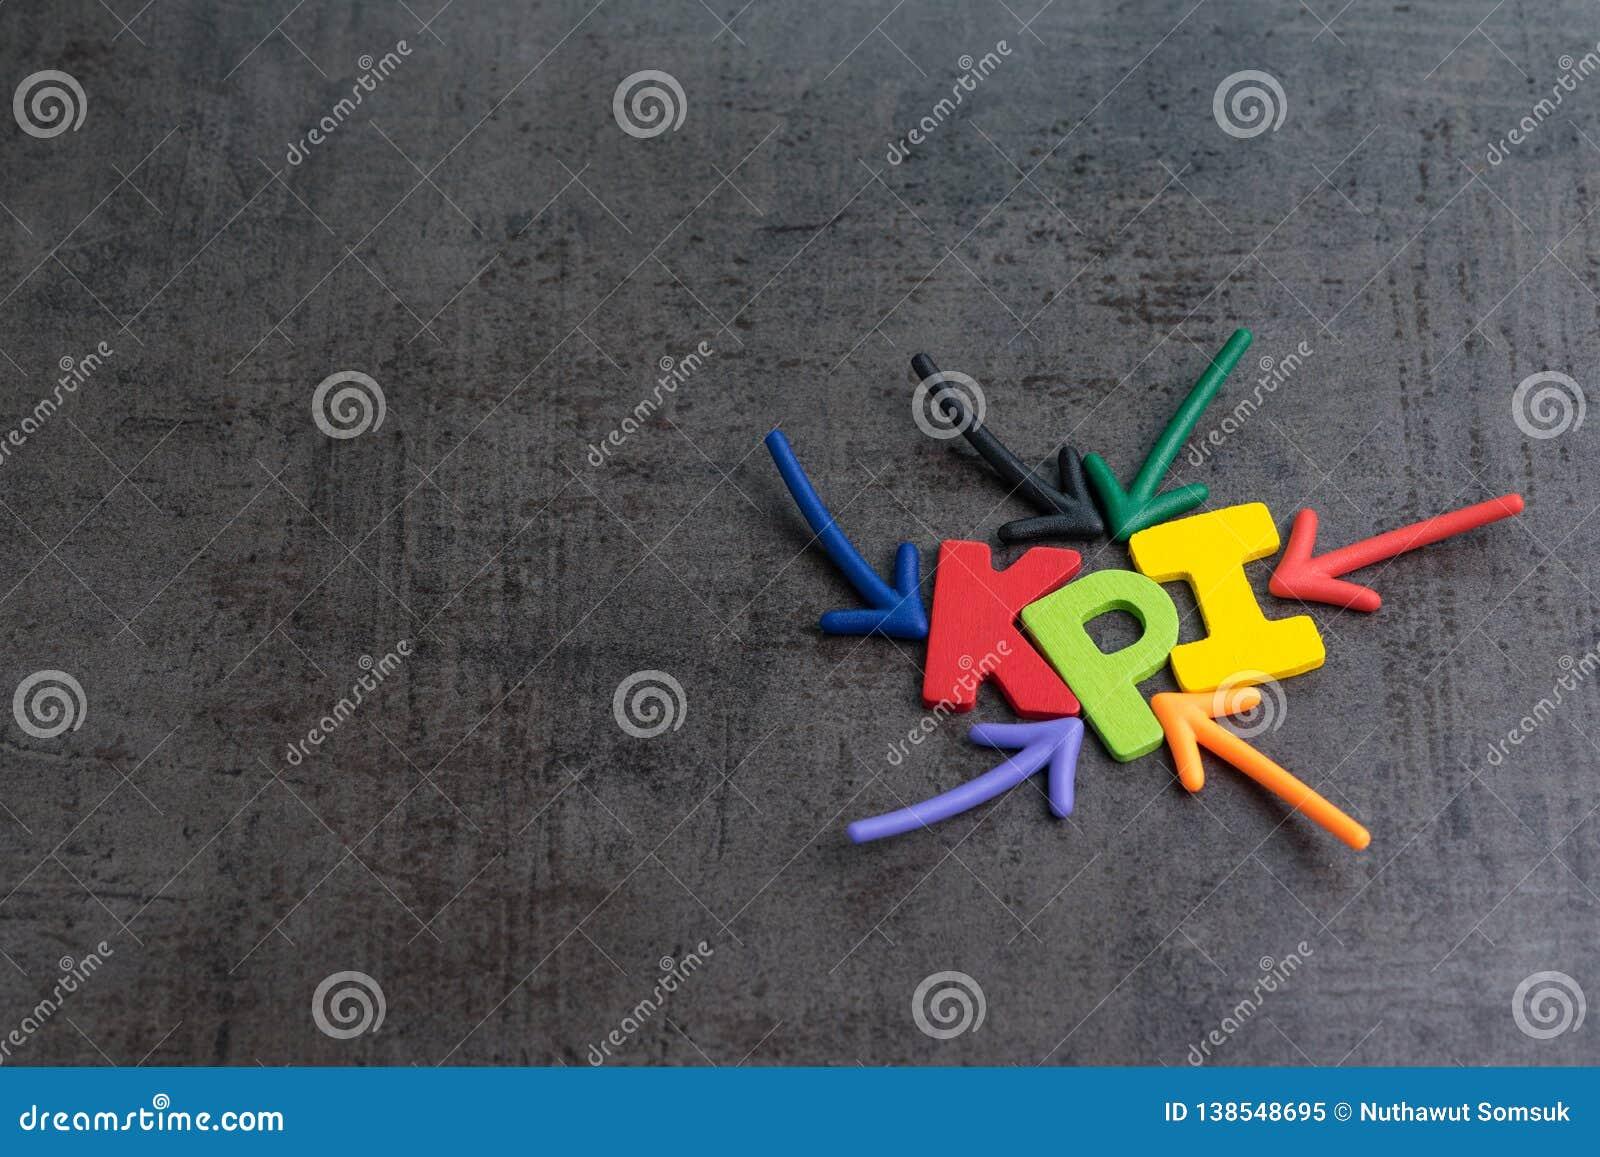 KPI,主要绩效显示测量在市场活动概念的成功的企业目标或比分由多个箭头